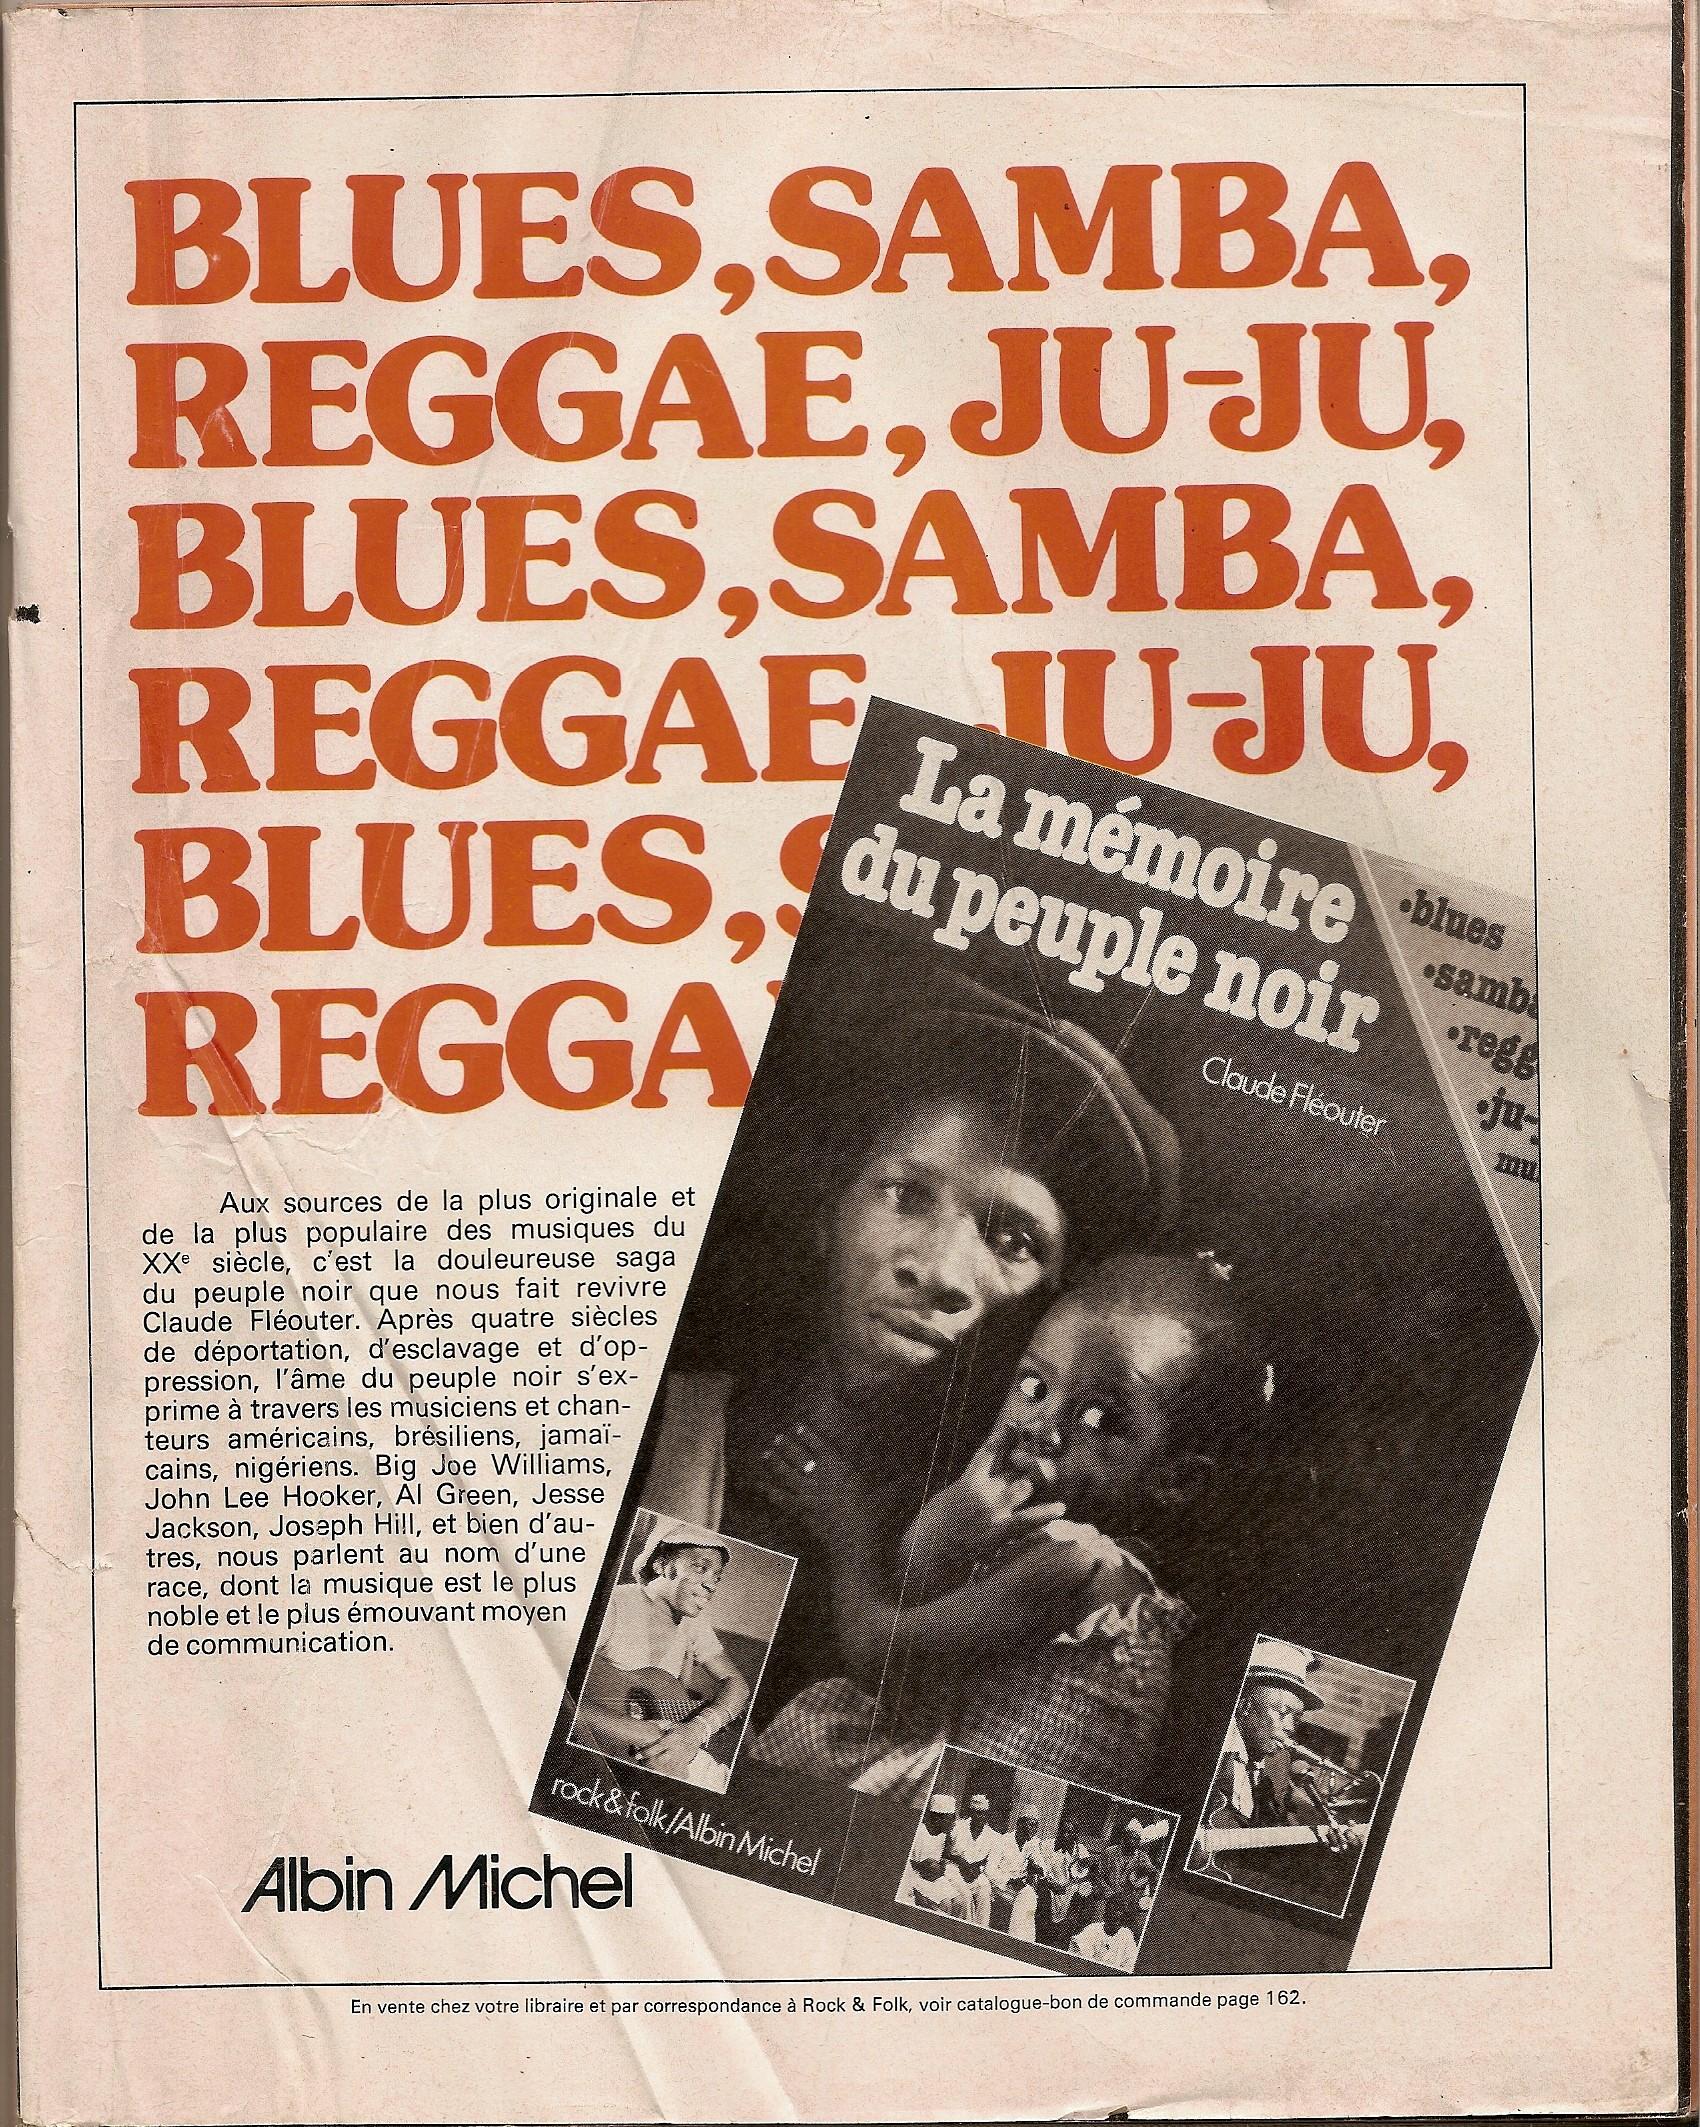 Les livres de Blues indispensables - Page 12 16081008021429628